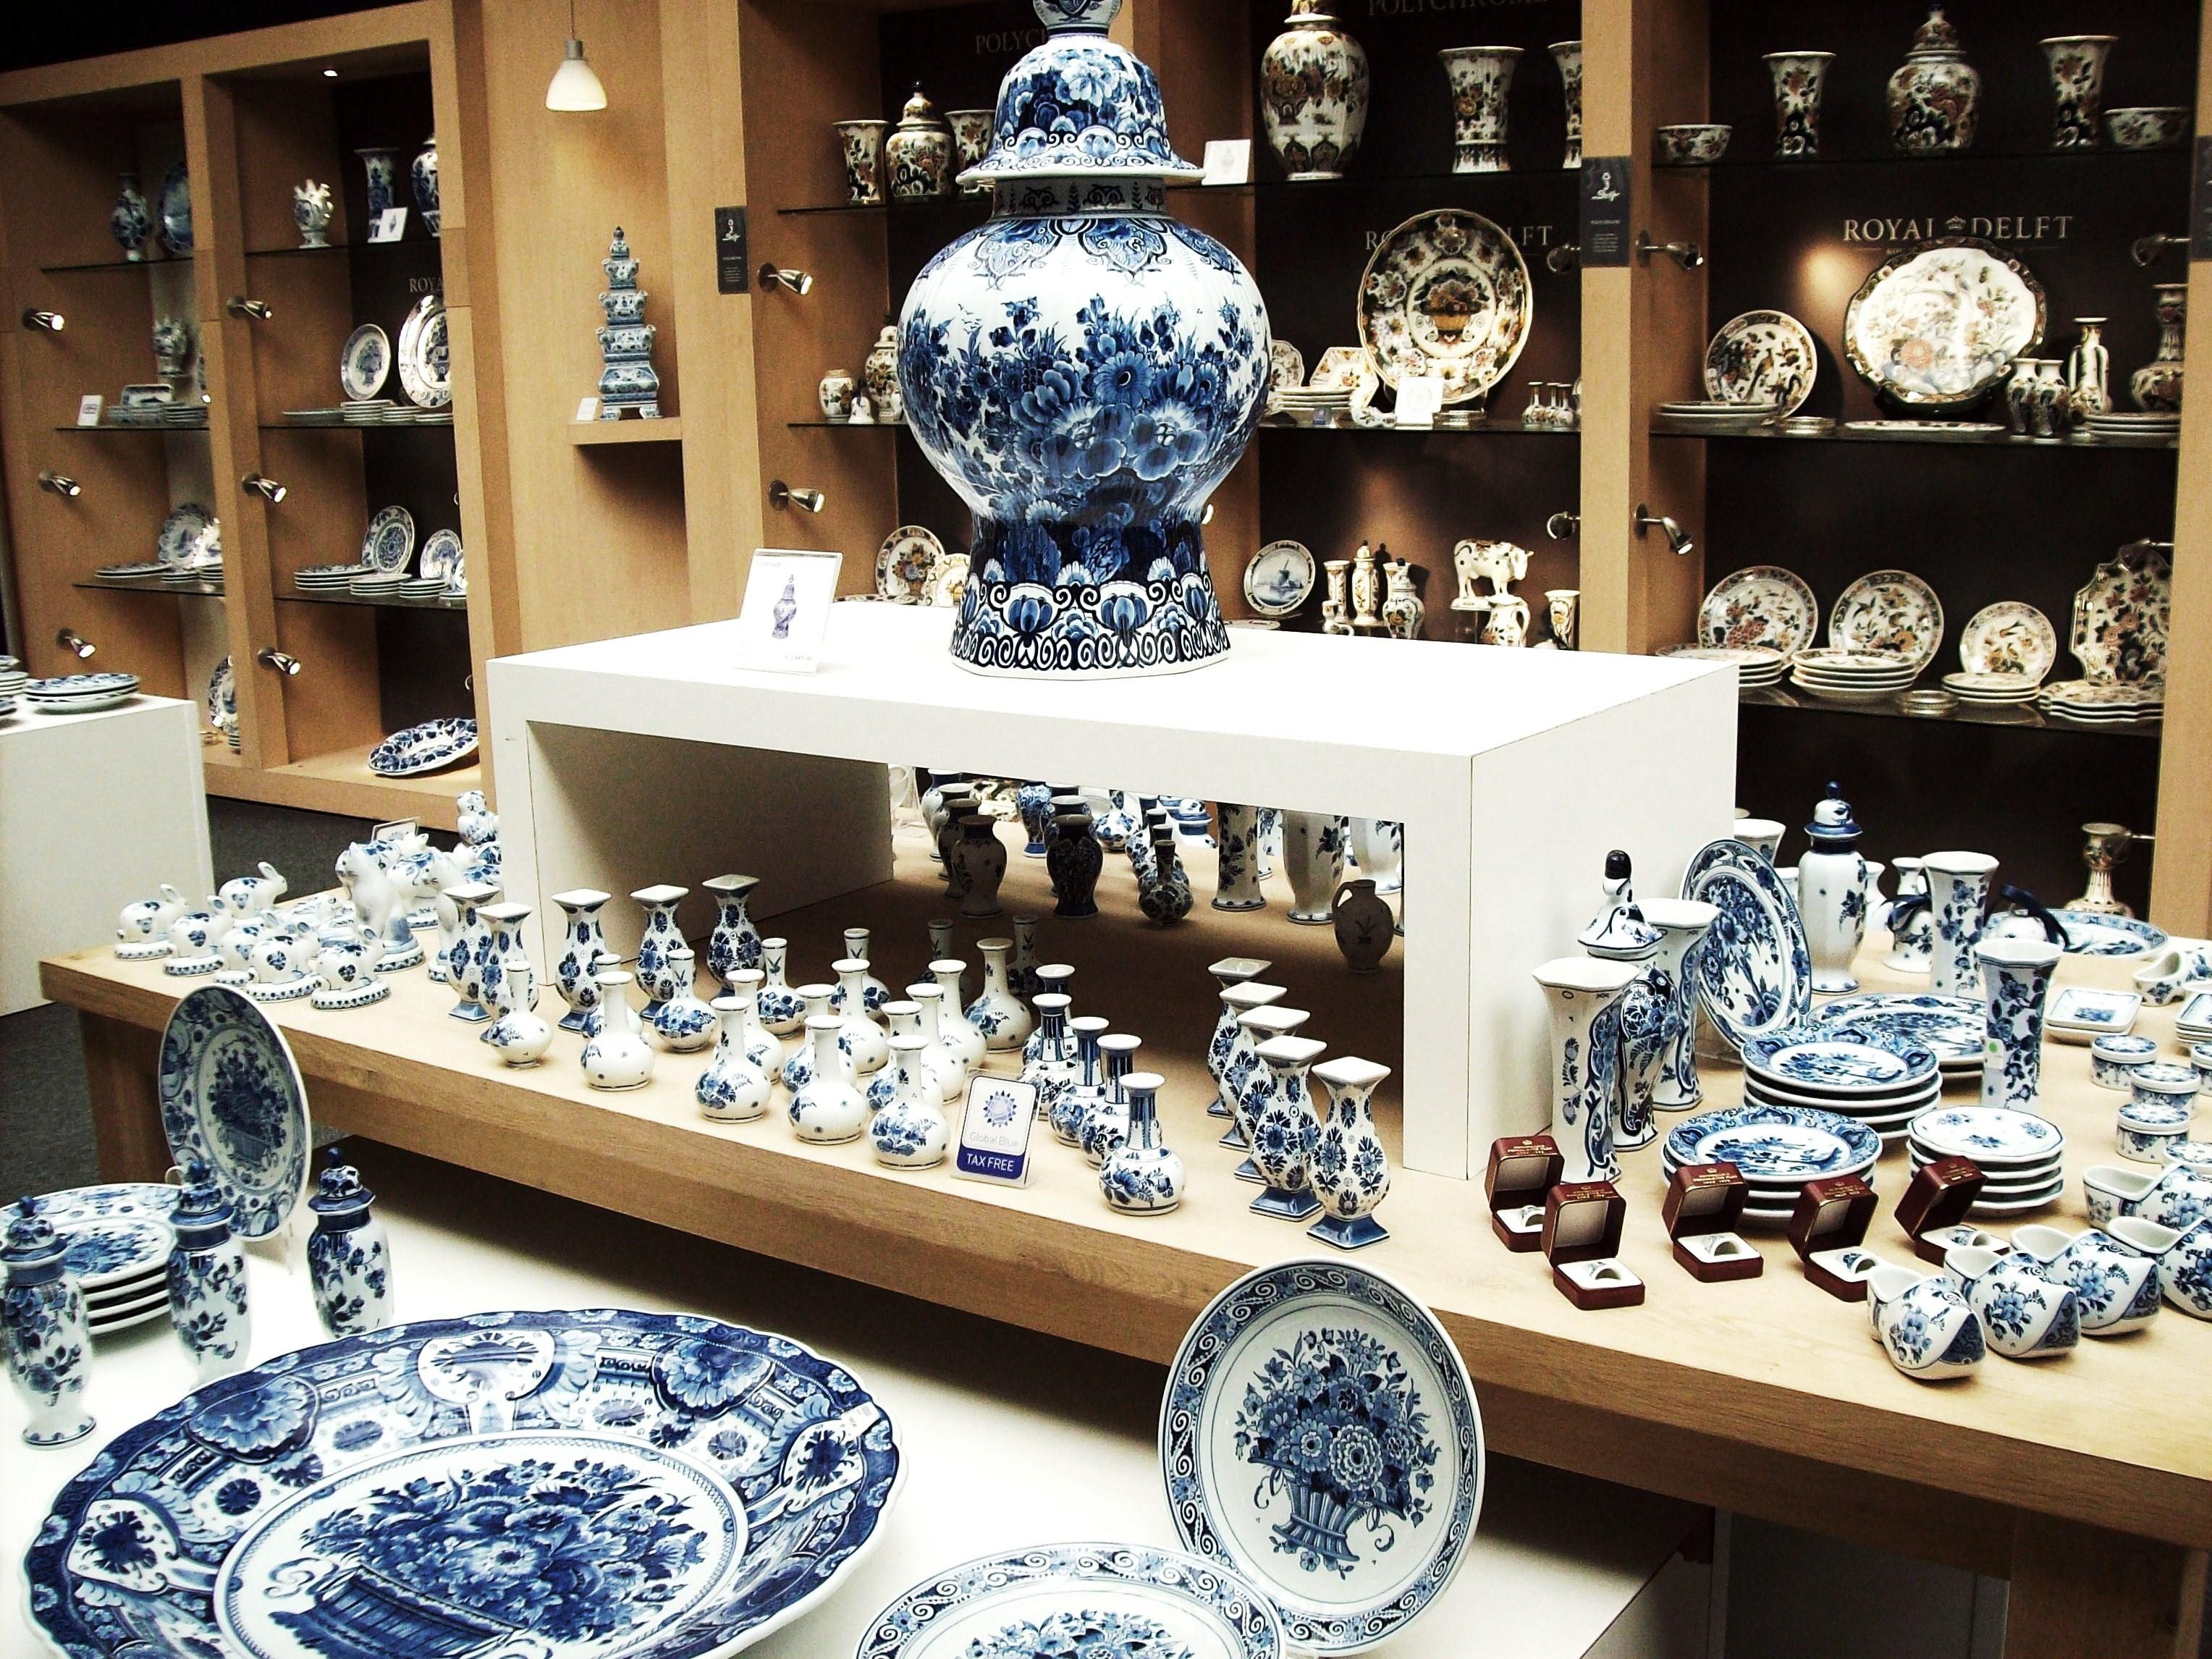 16 Oleh-oleh Khas Negara Belanda - TempatWisataUnik.com d6c16126f5